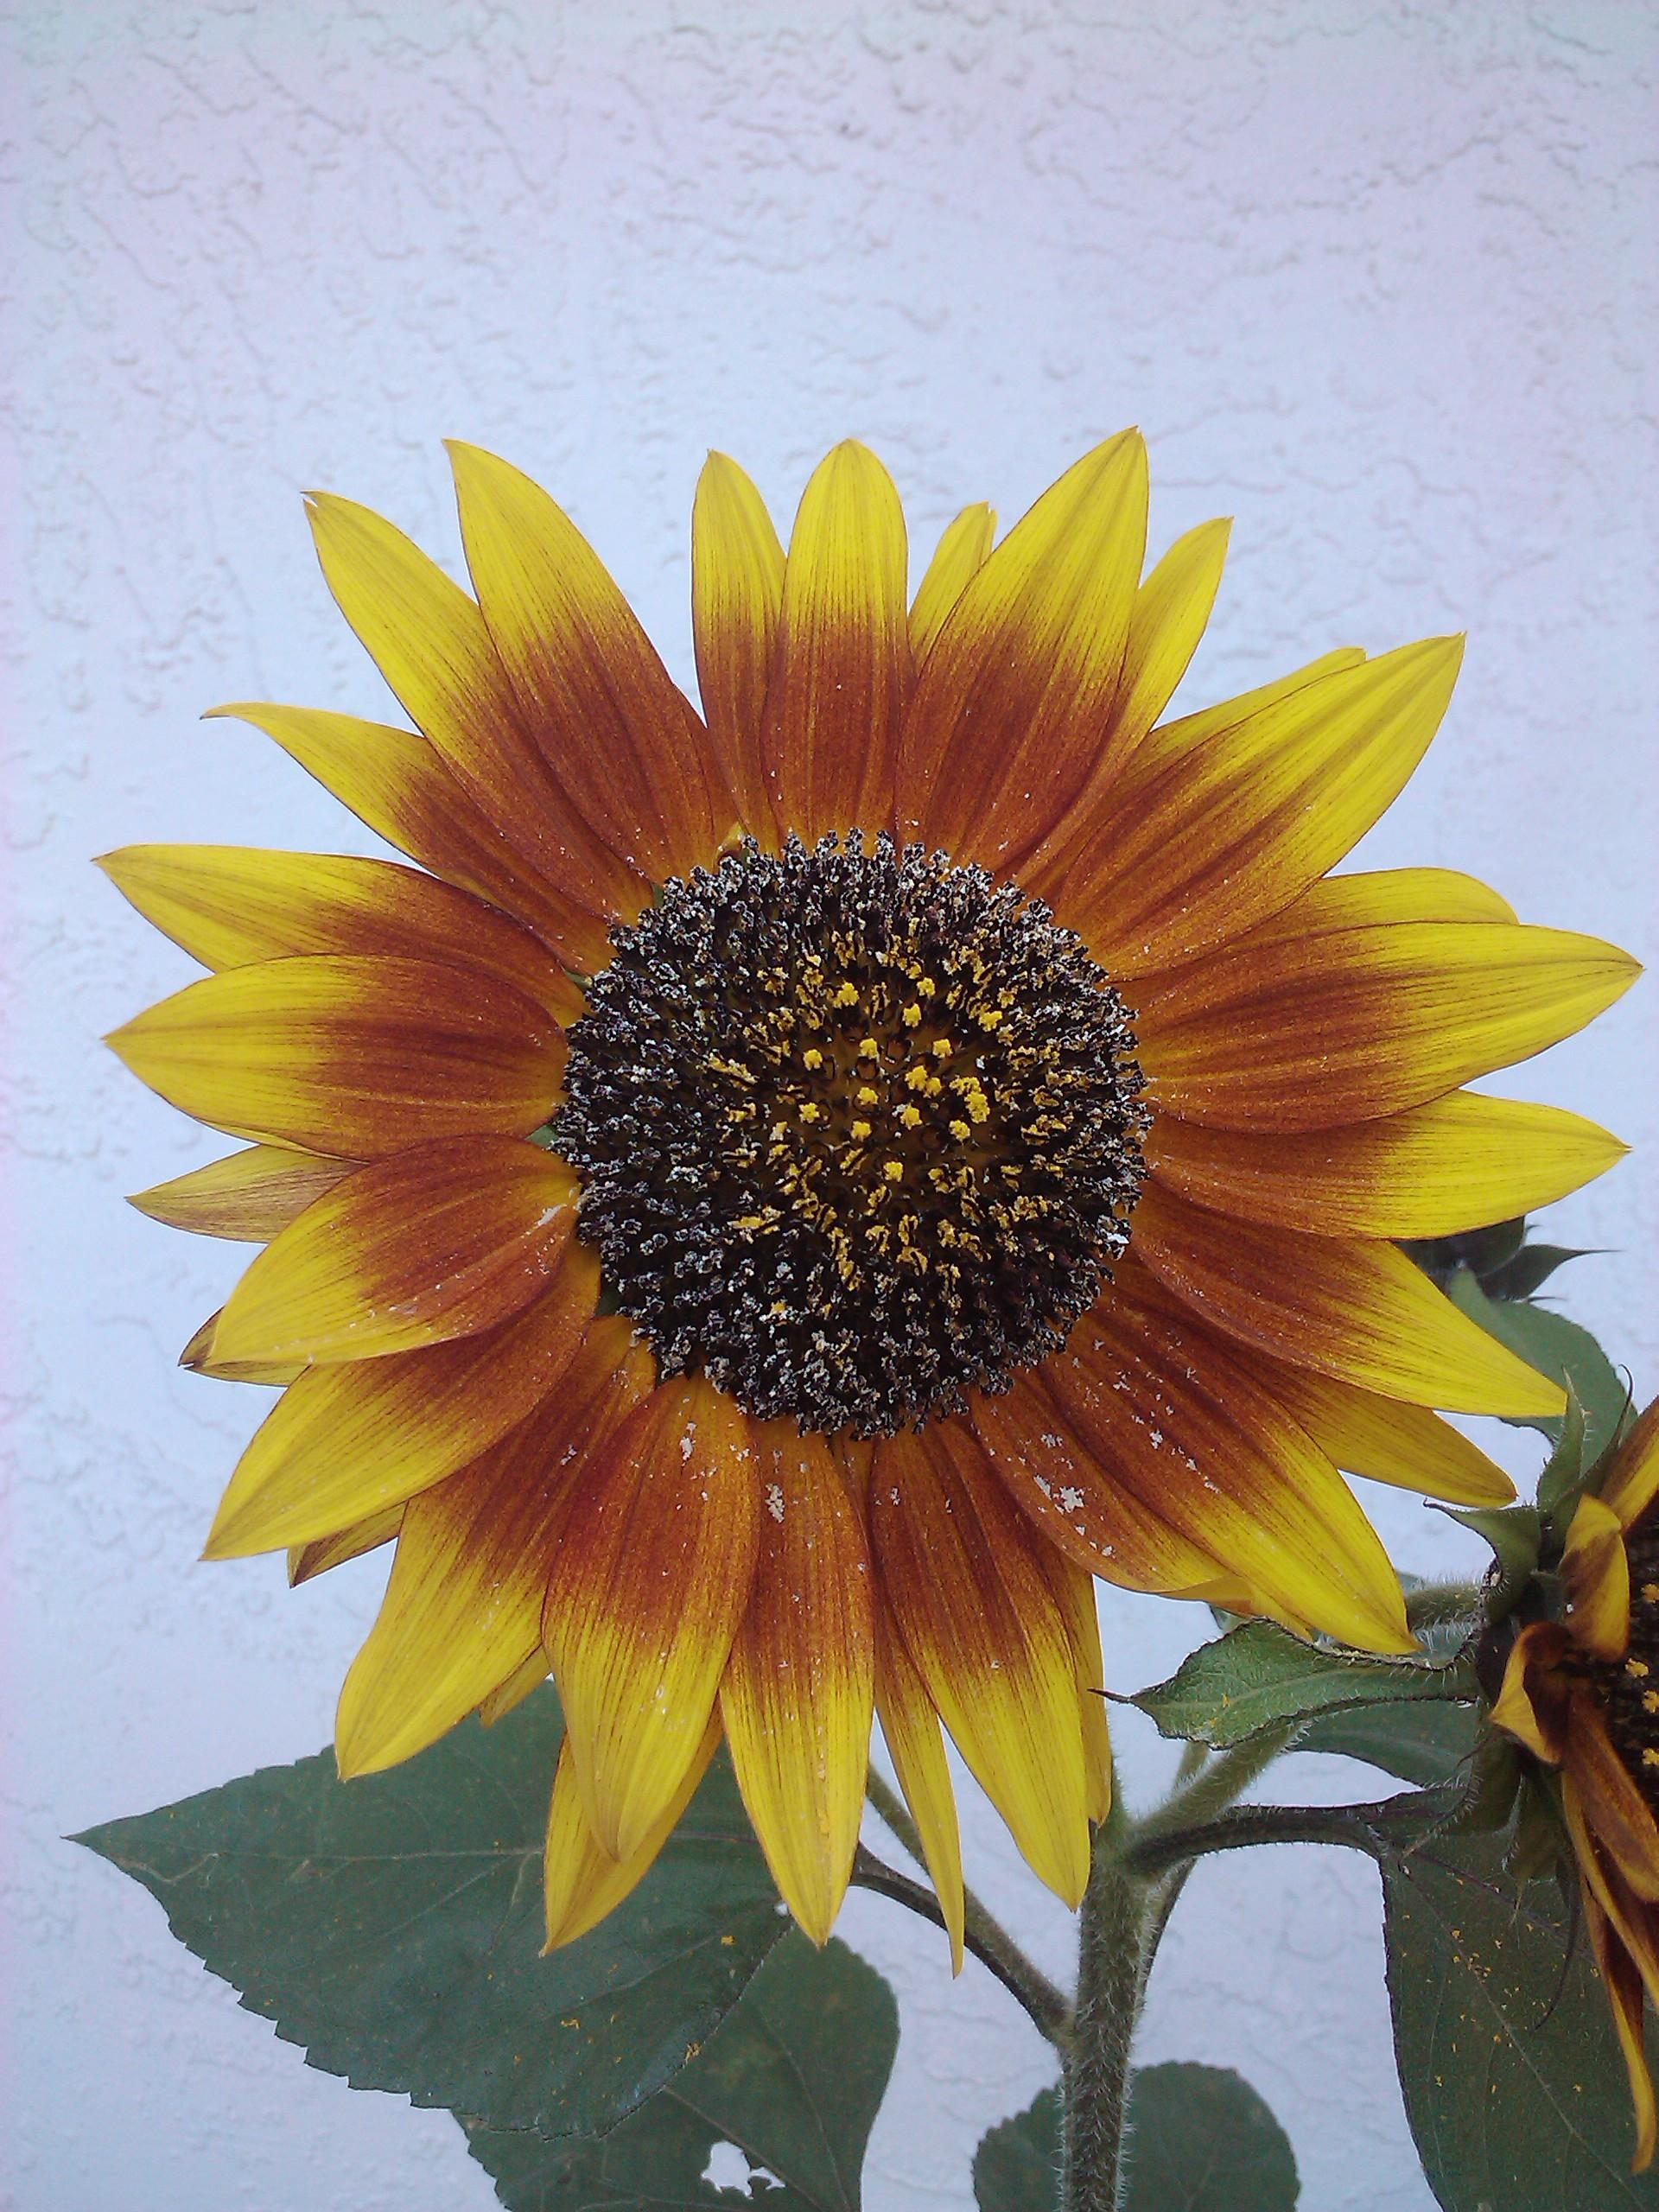 yellow orange and red sunflower